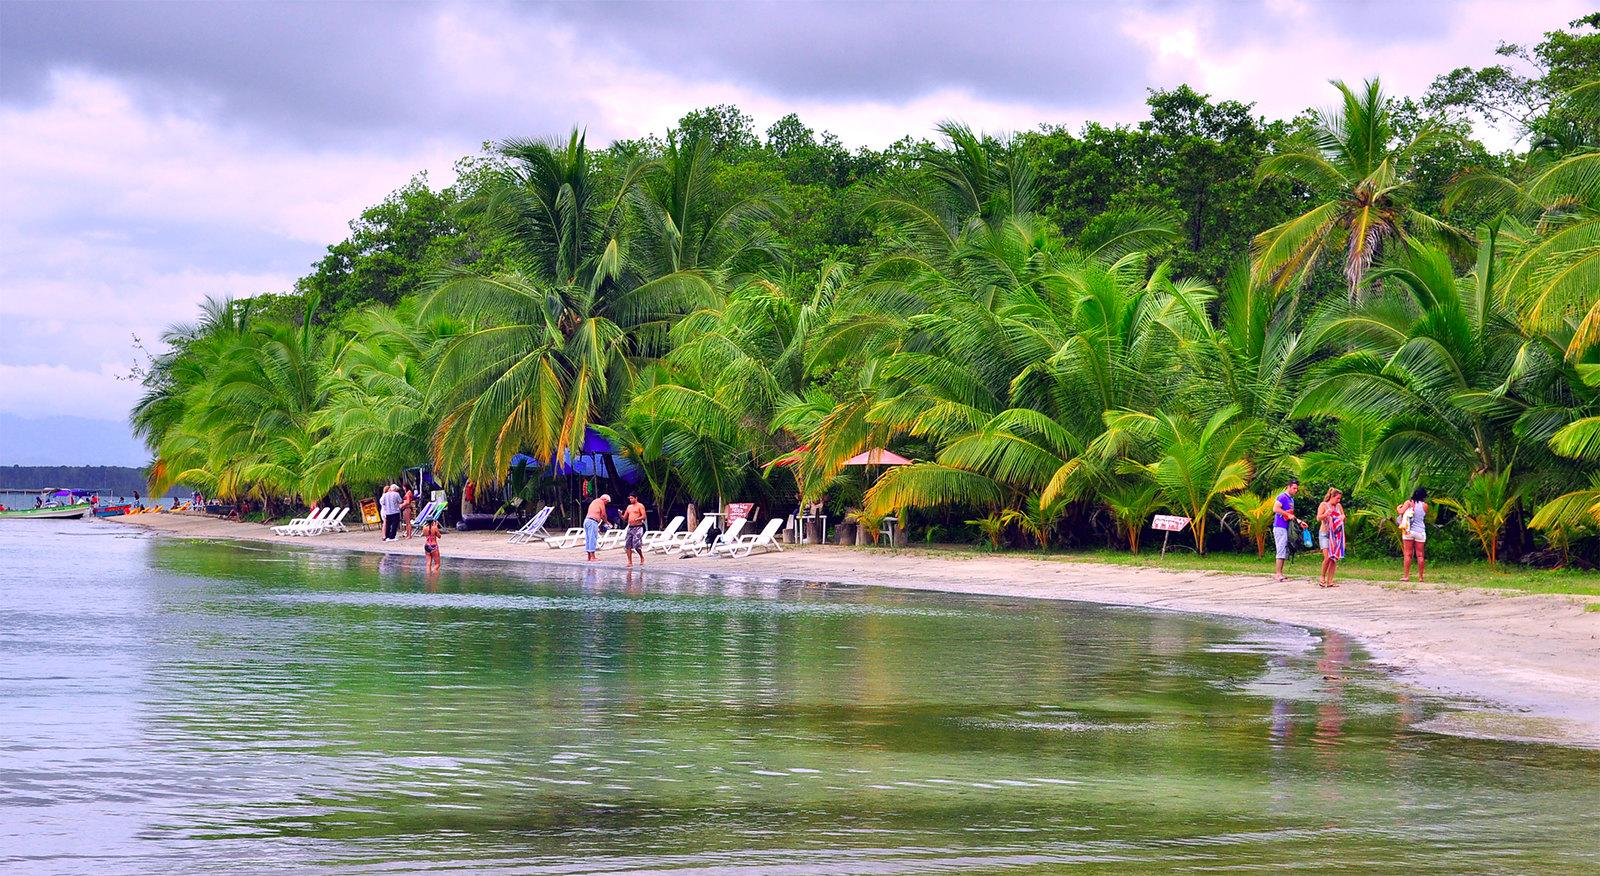 Viajar a Costa Rica / Ruta por Costa Rica en 3 semanas ruta por costa rica - 37538079434 8ef502e6d2 h - Ruta por Costa Rica en 3 semanas